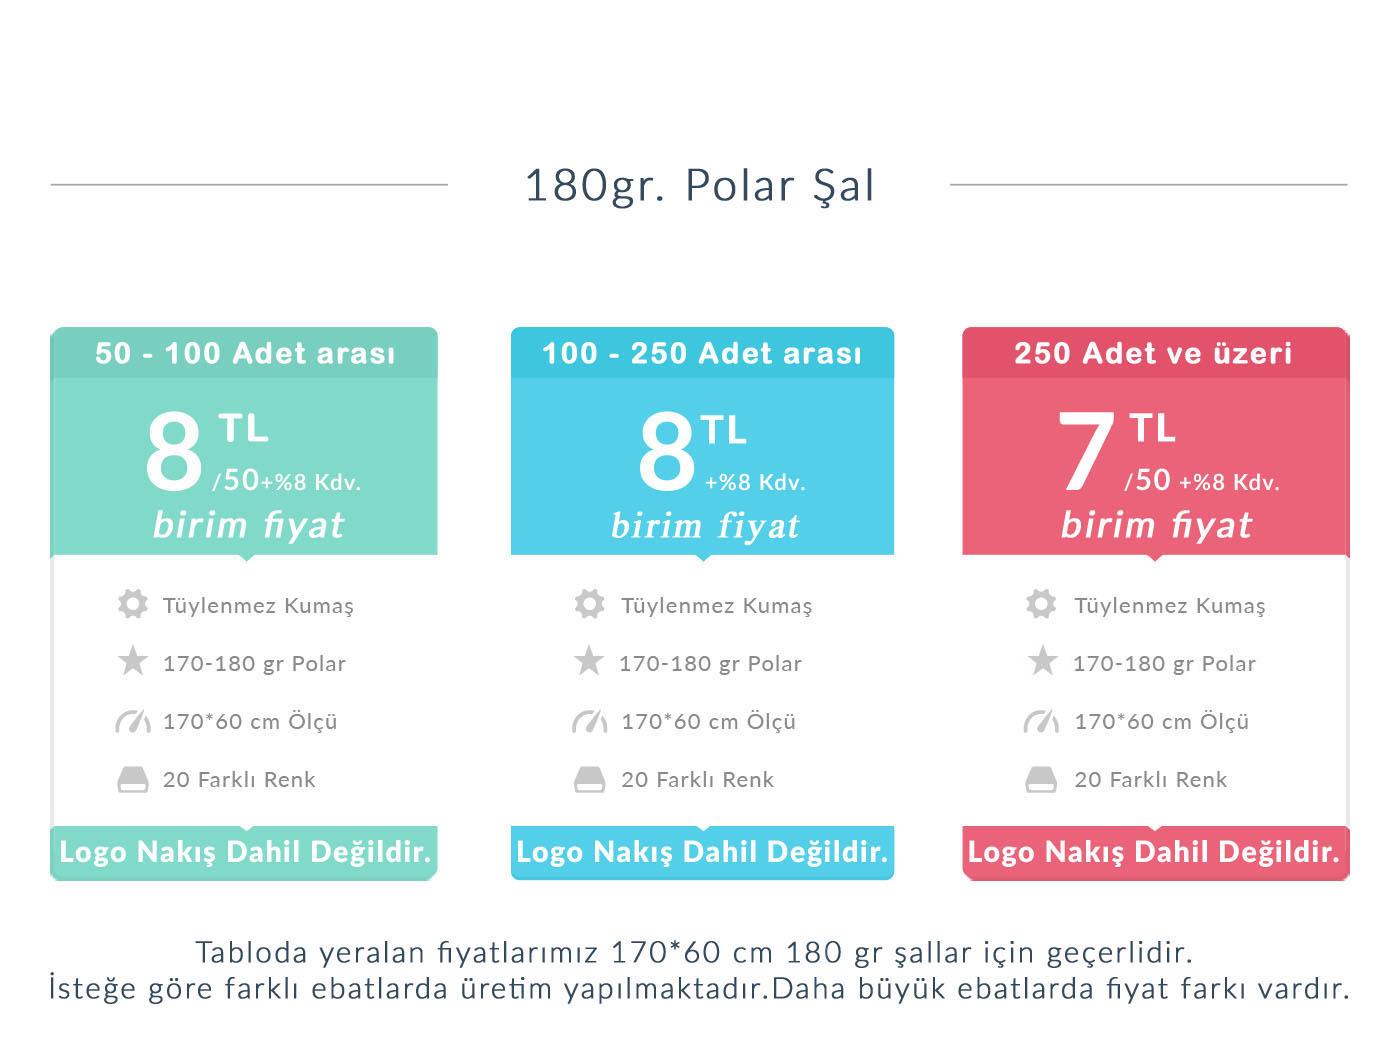 180gr polar şal fiyatları